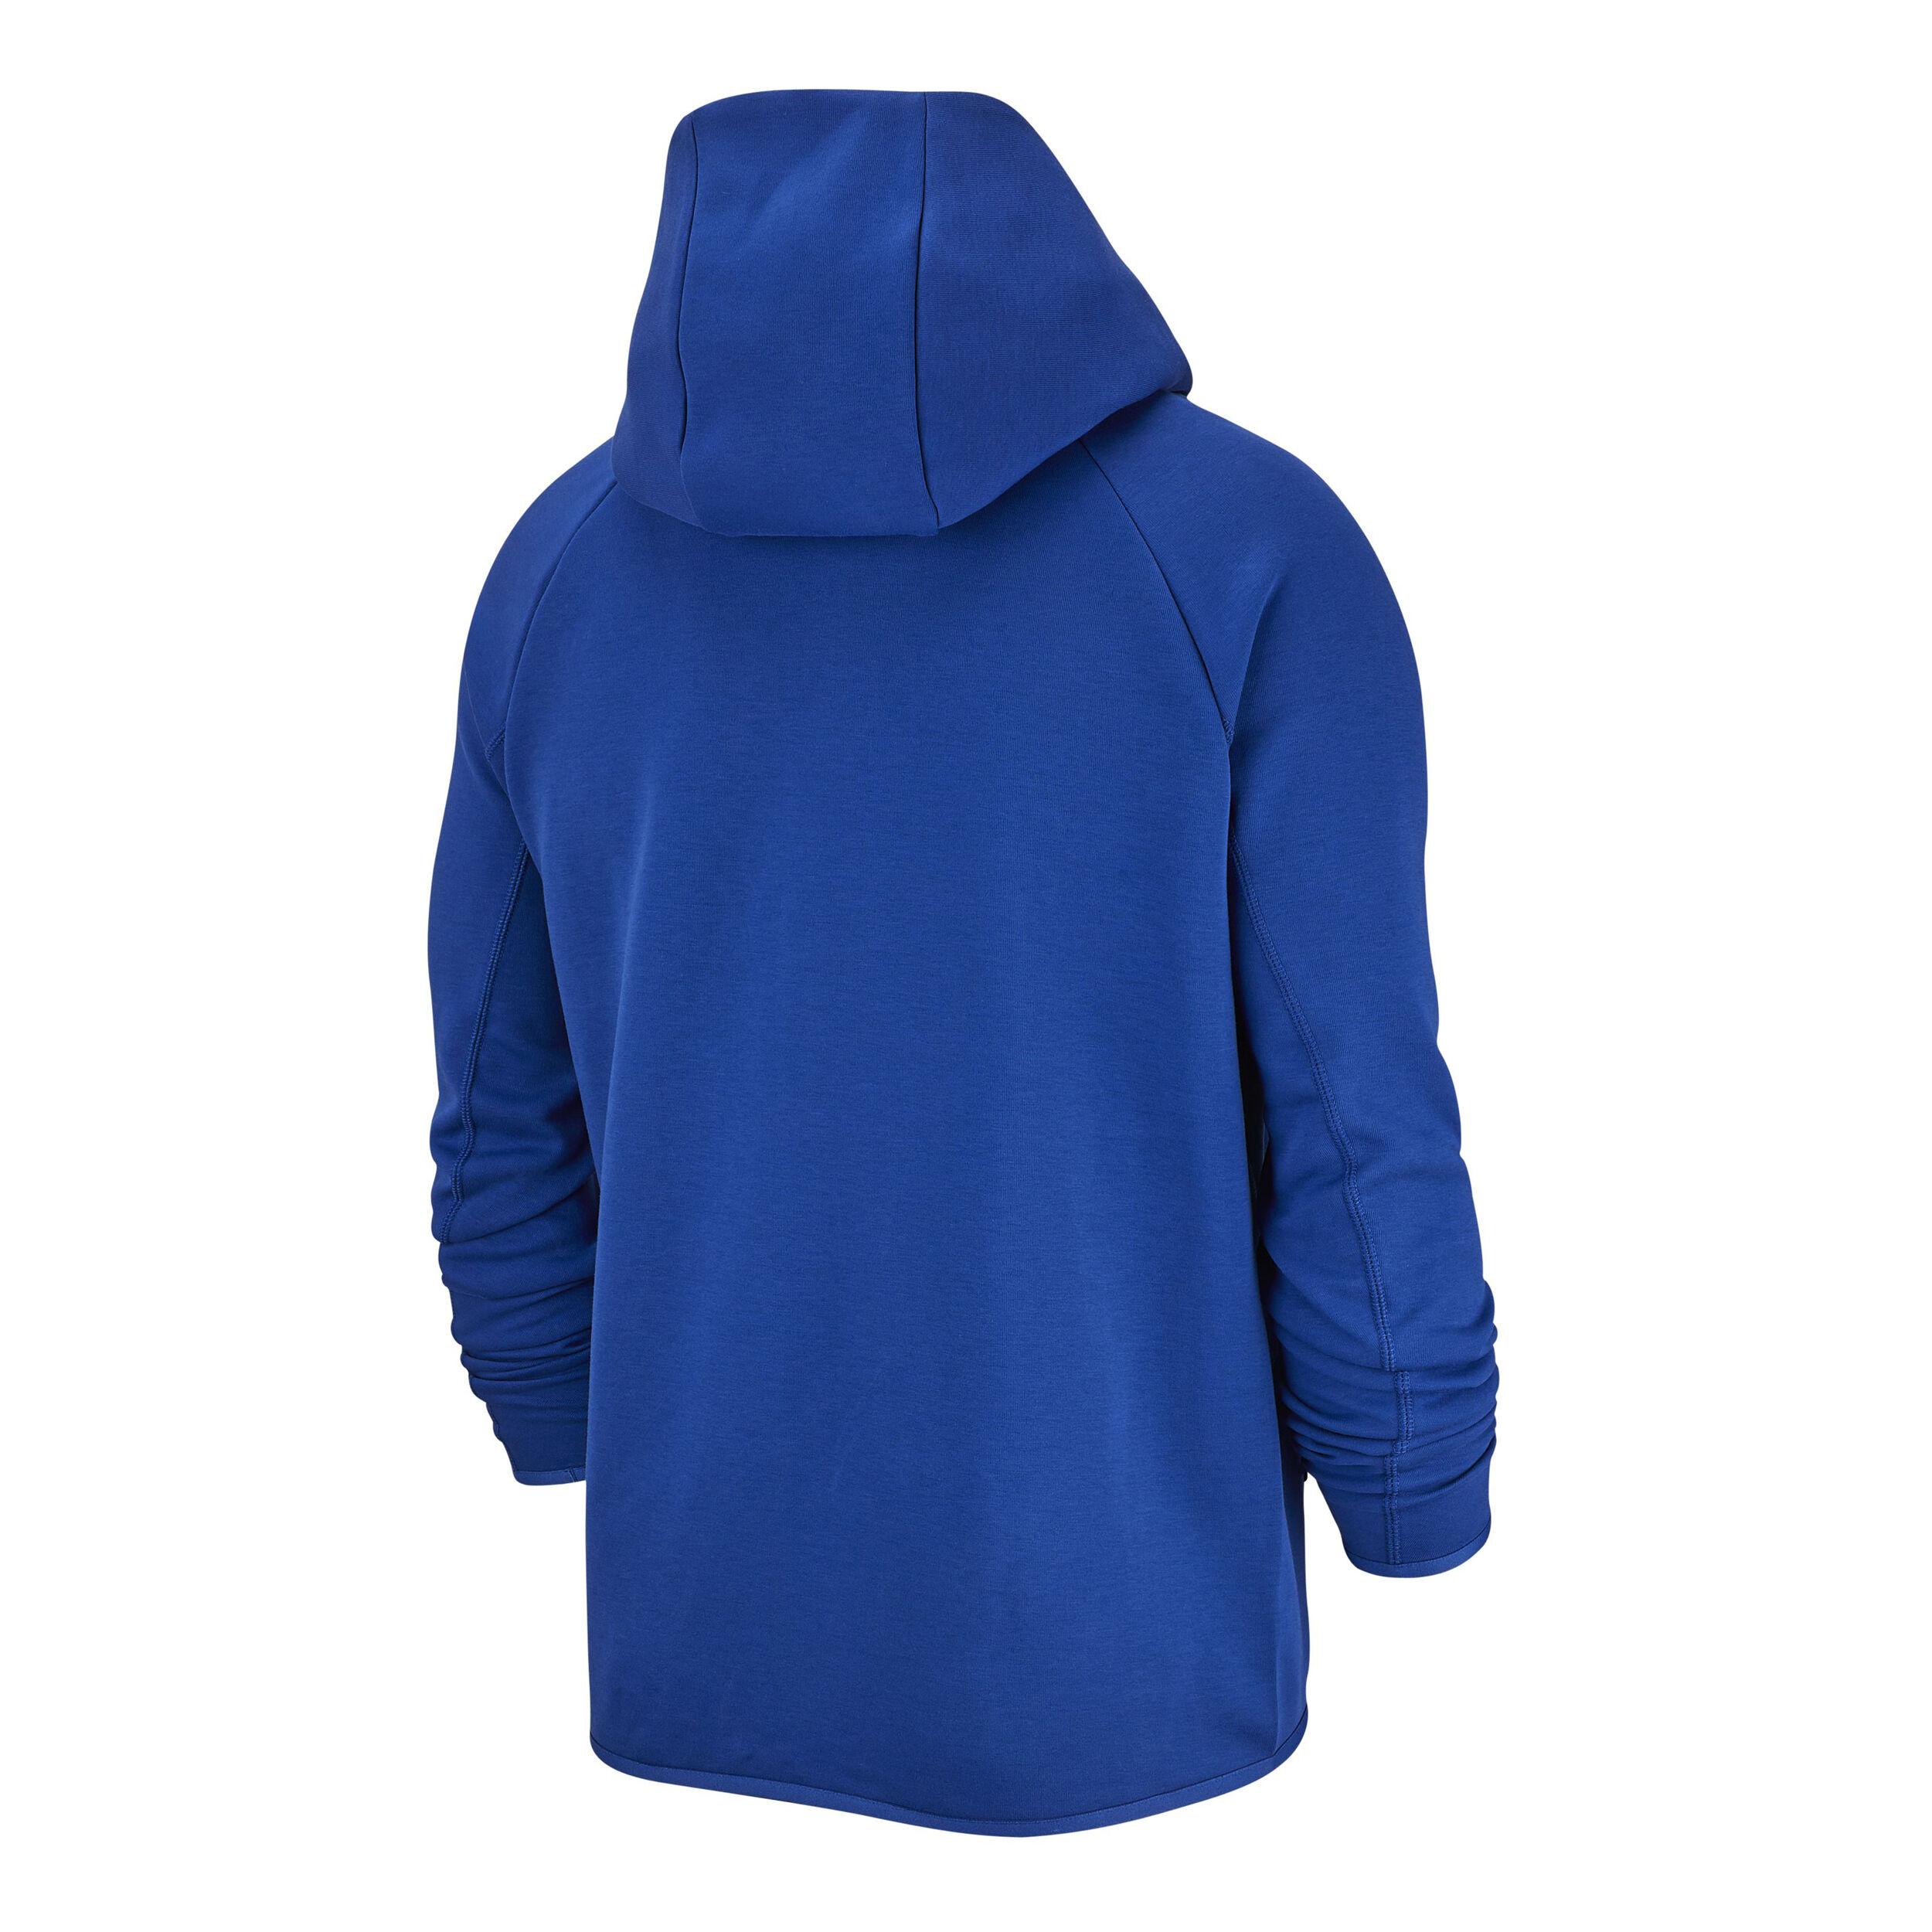 Nike Sportswear Tech Fleece Trainingsjack Heren Blauw, Wit